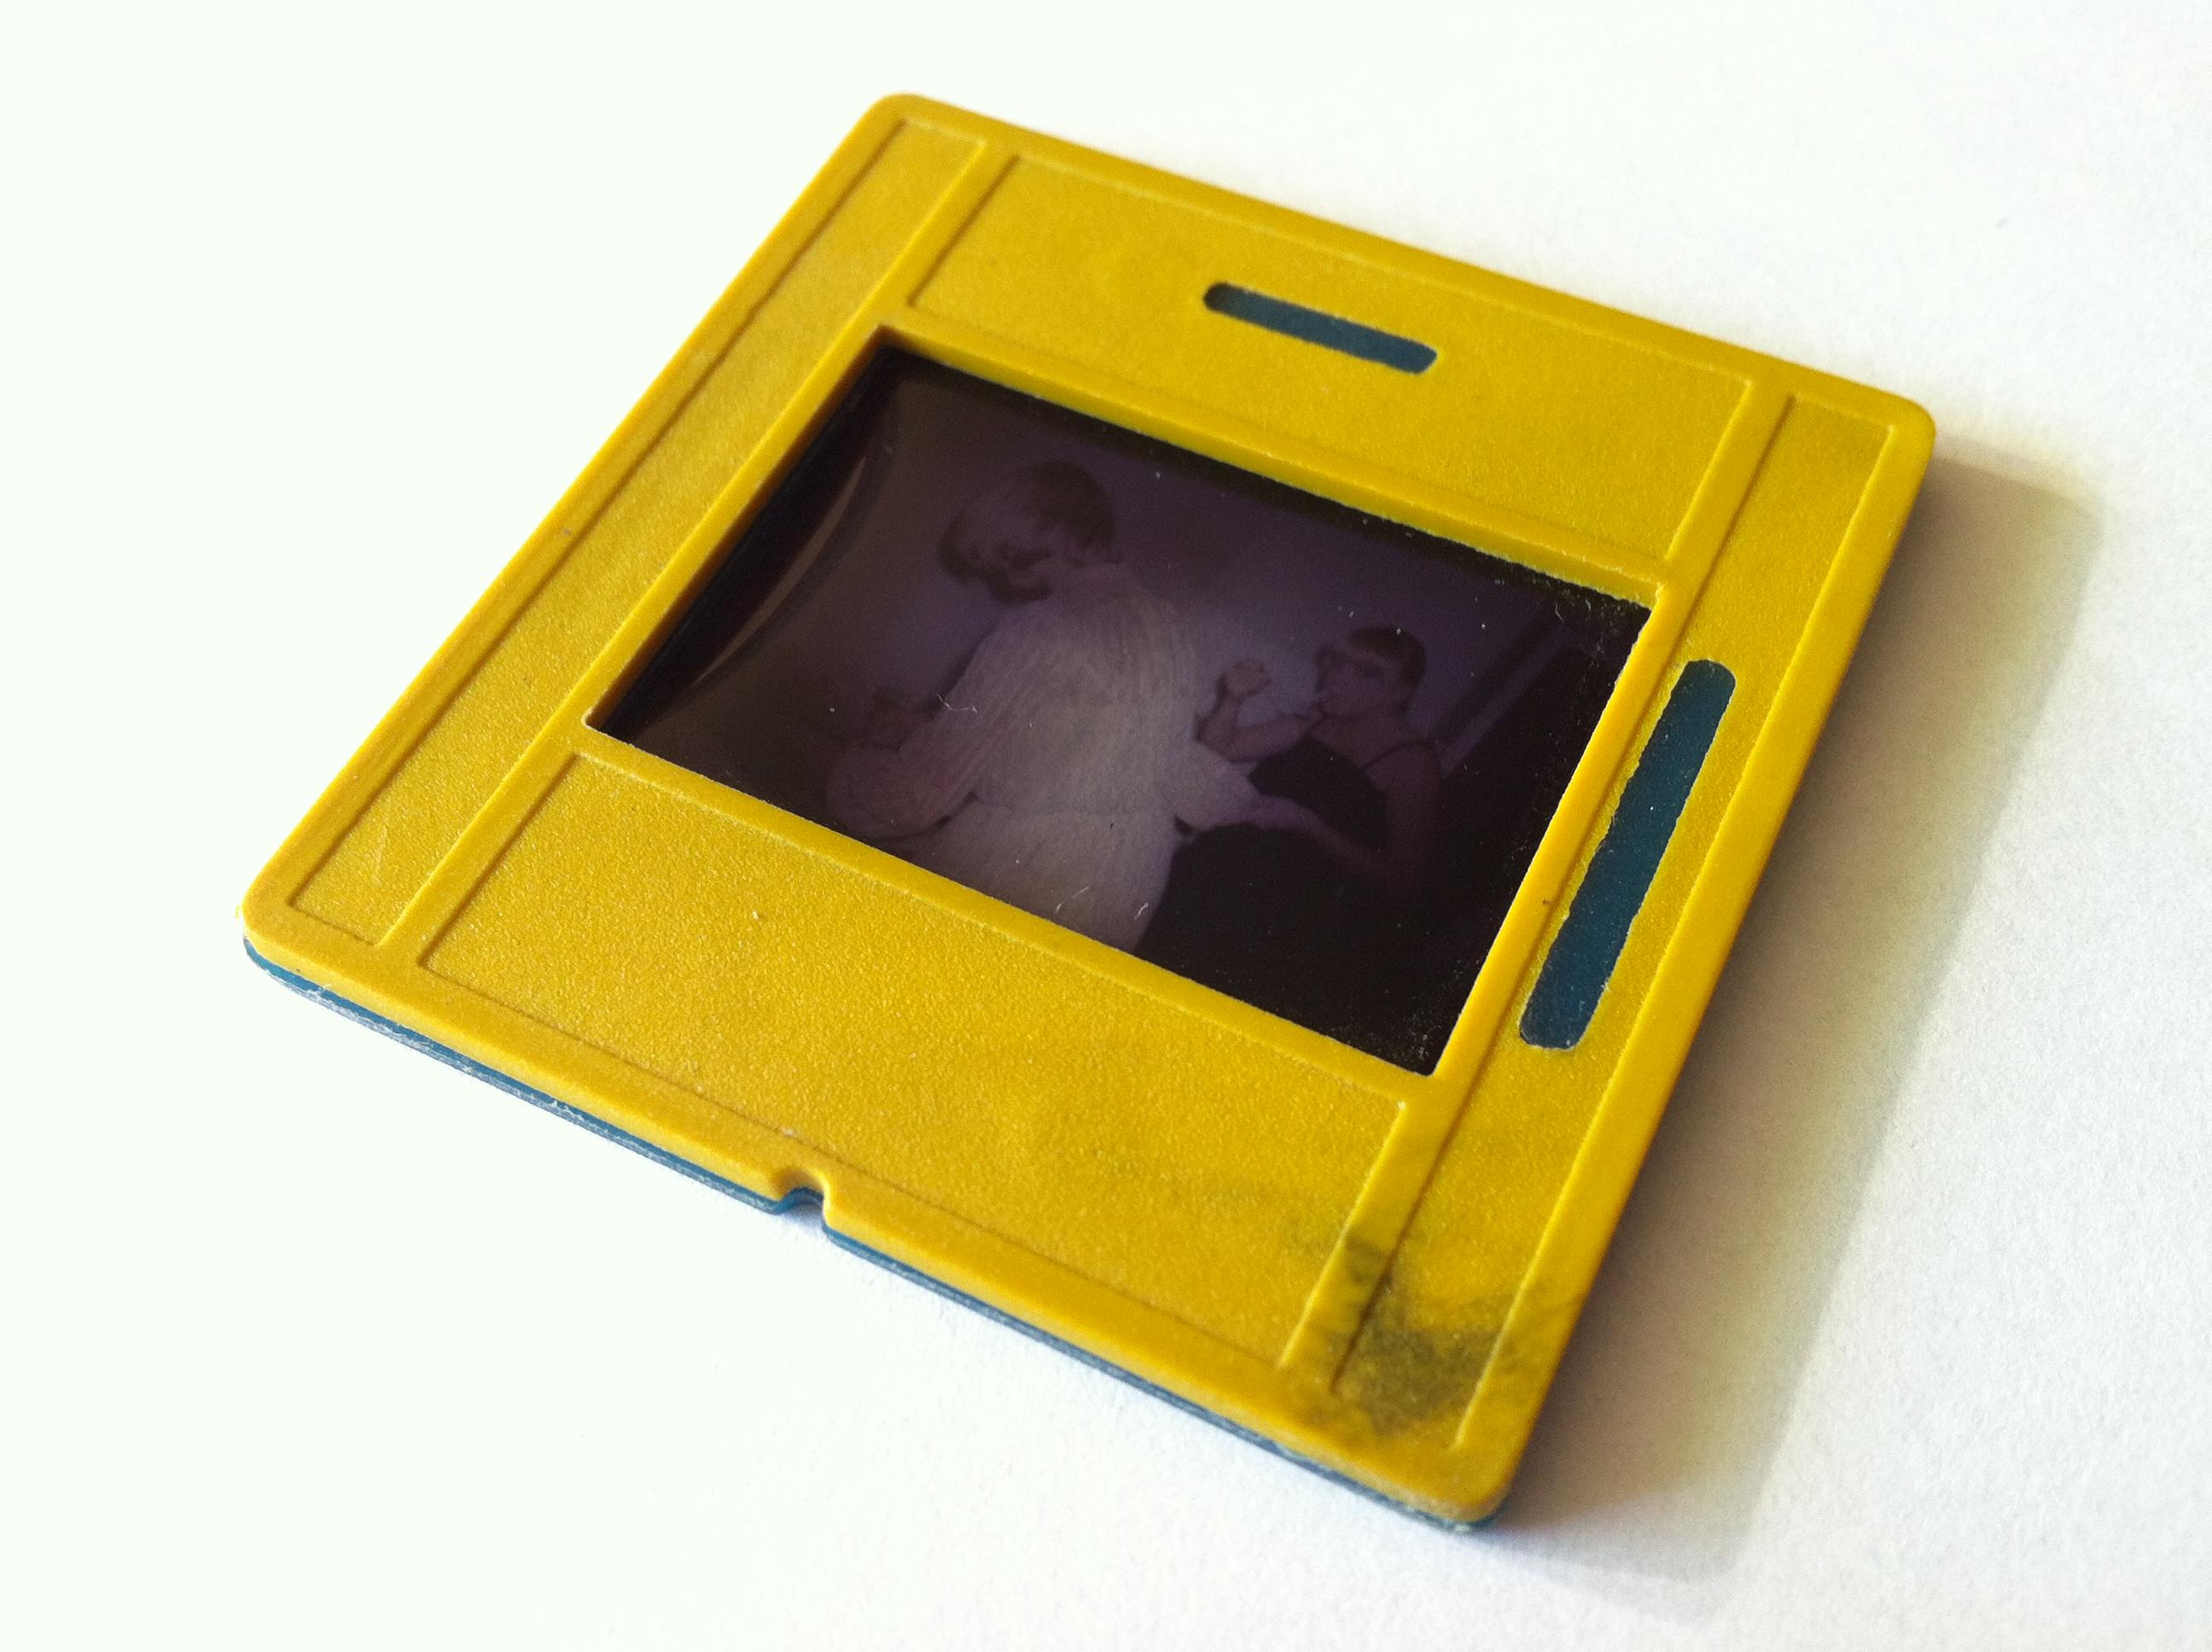 Slajd 35mm w plastikowej ramce